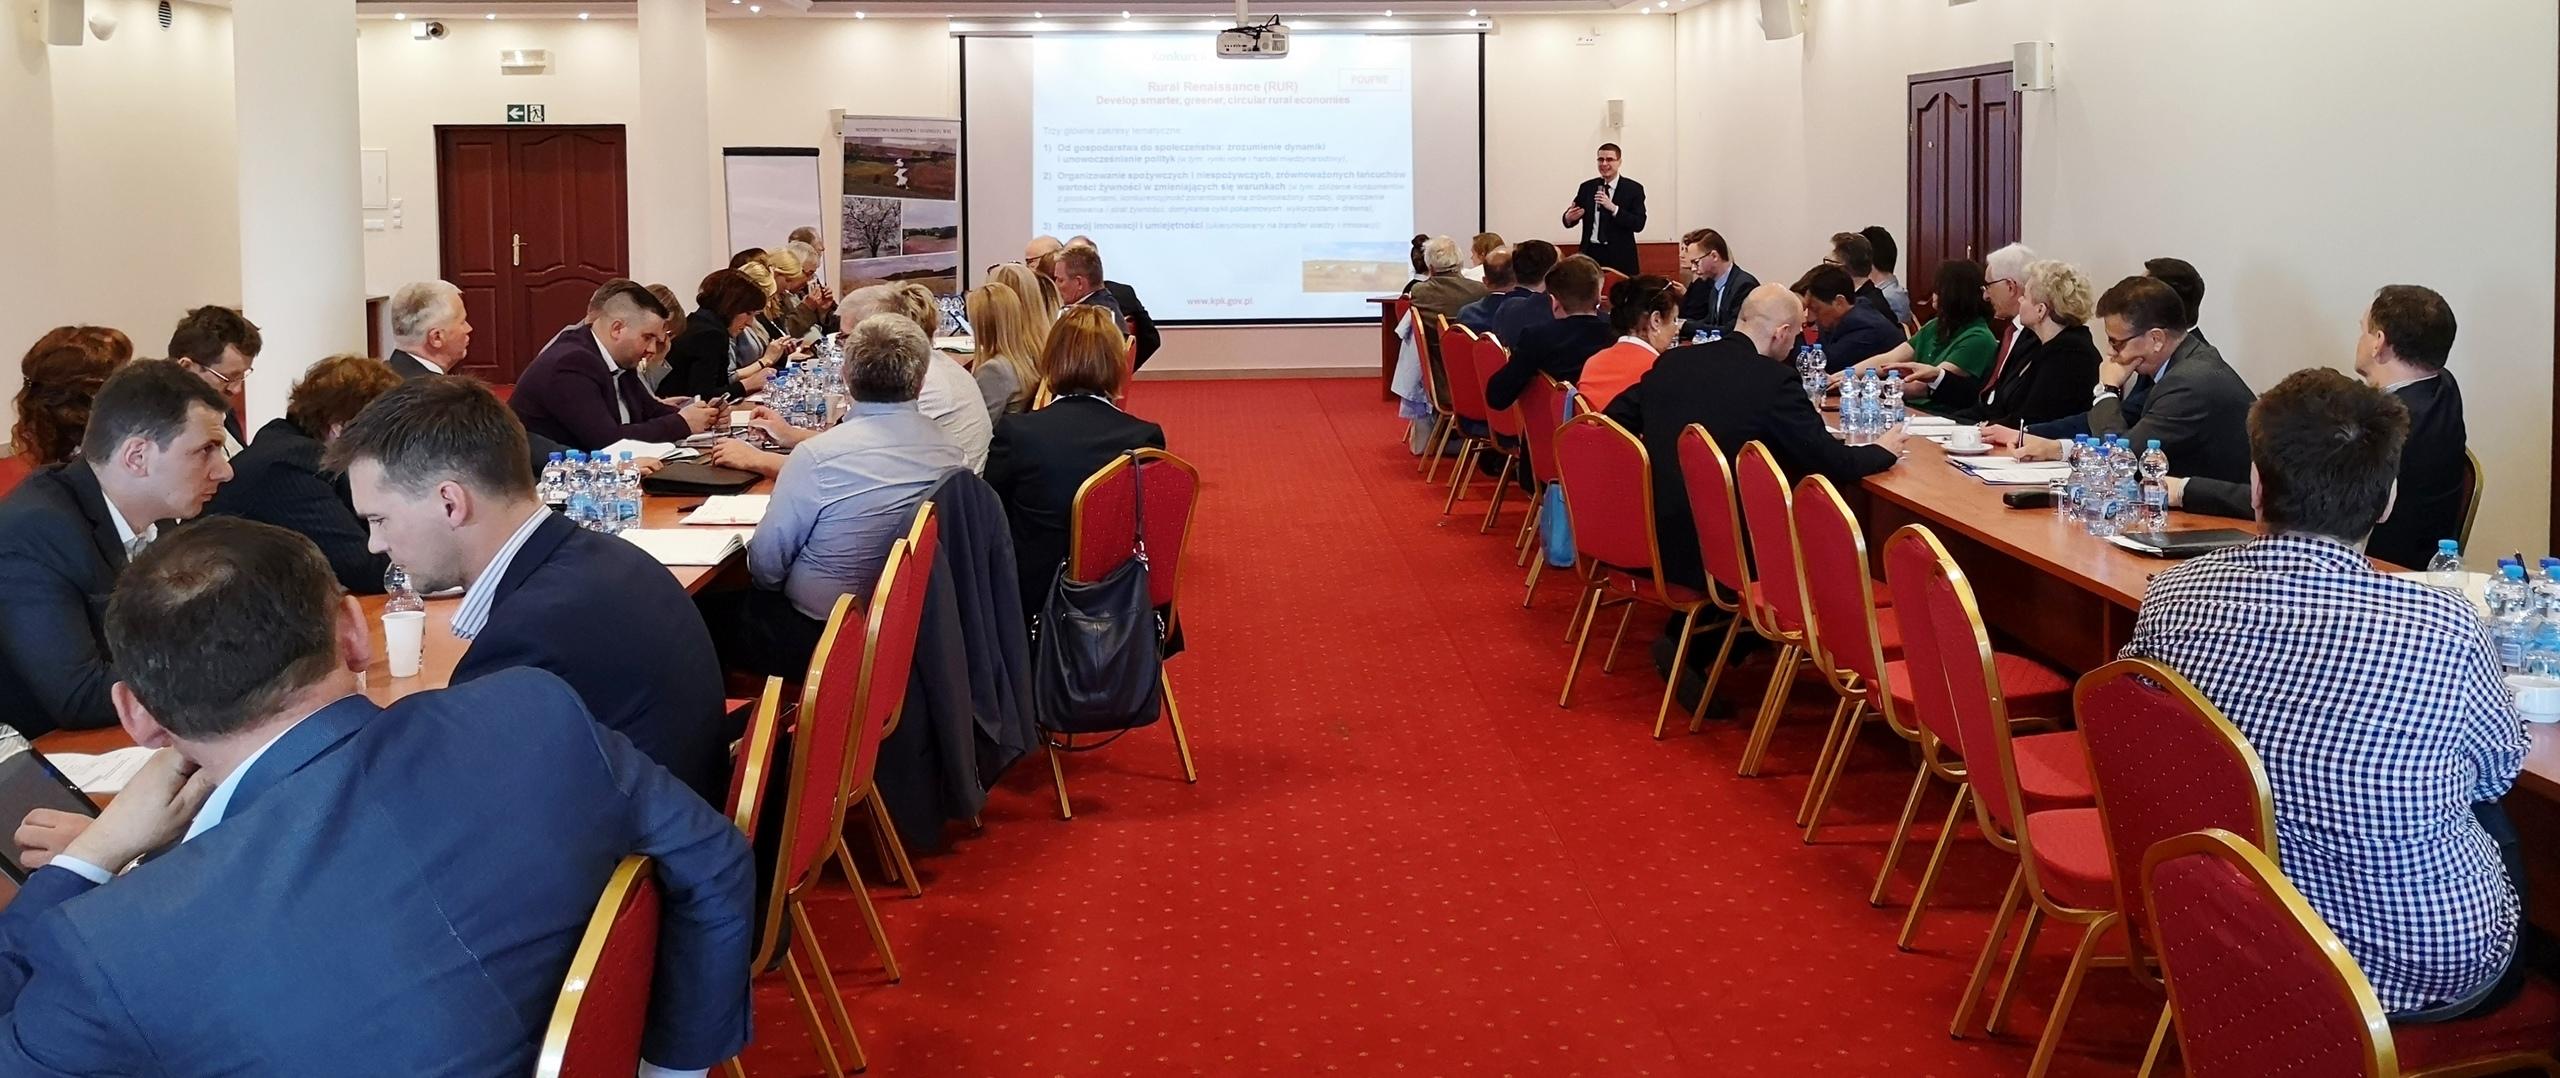 Spotkanie z instytutami badawczymi i jednostkami doradztwa rolniczego